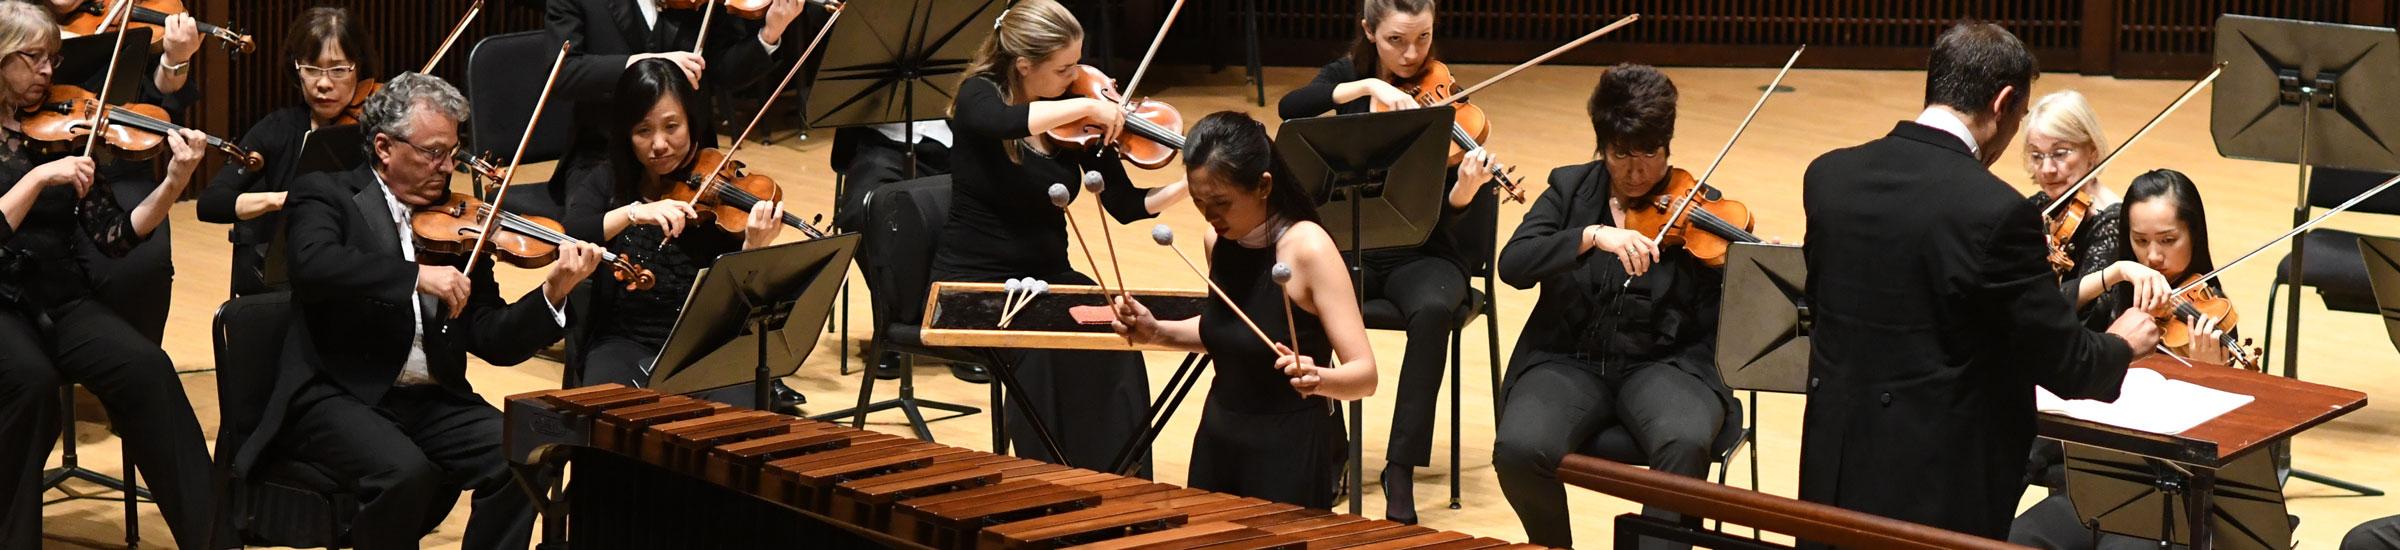 Ima Hogg competition Houston Symphony